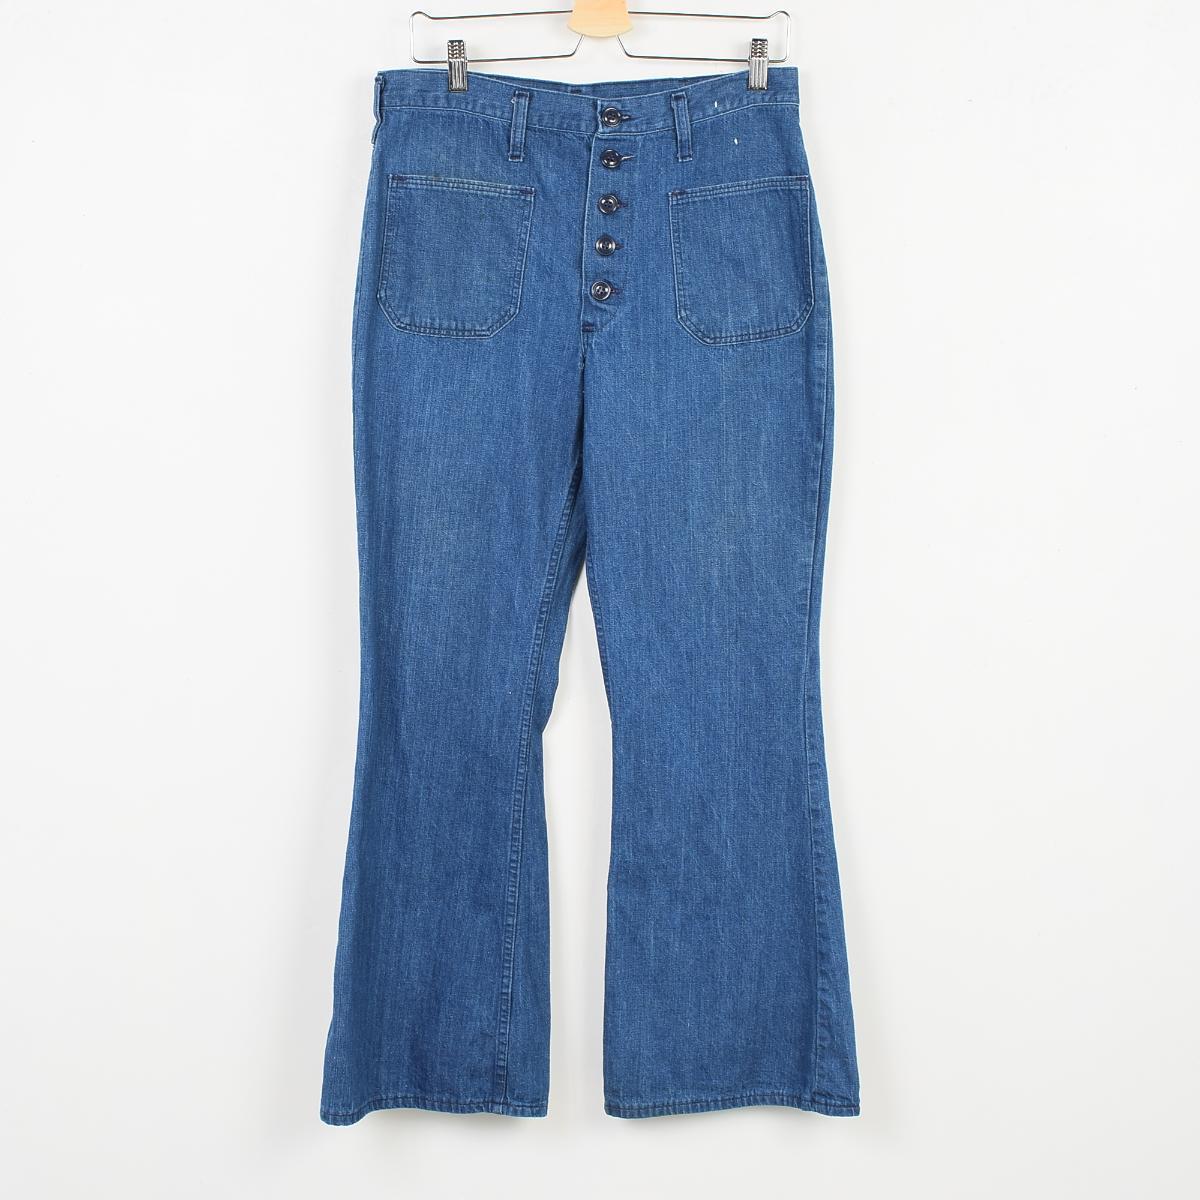 VINTAGE CLOTHING JAM TRADING   Rakuten Global Market: 70s Wrangler ...